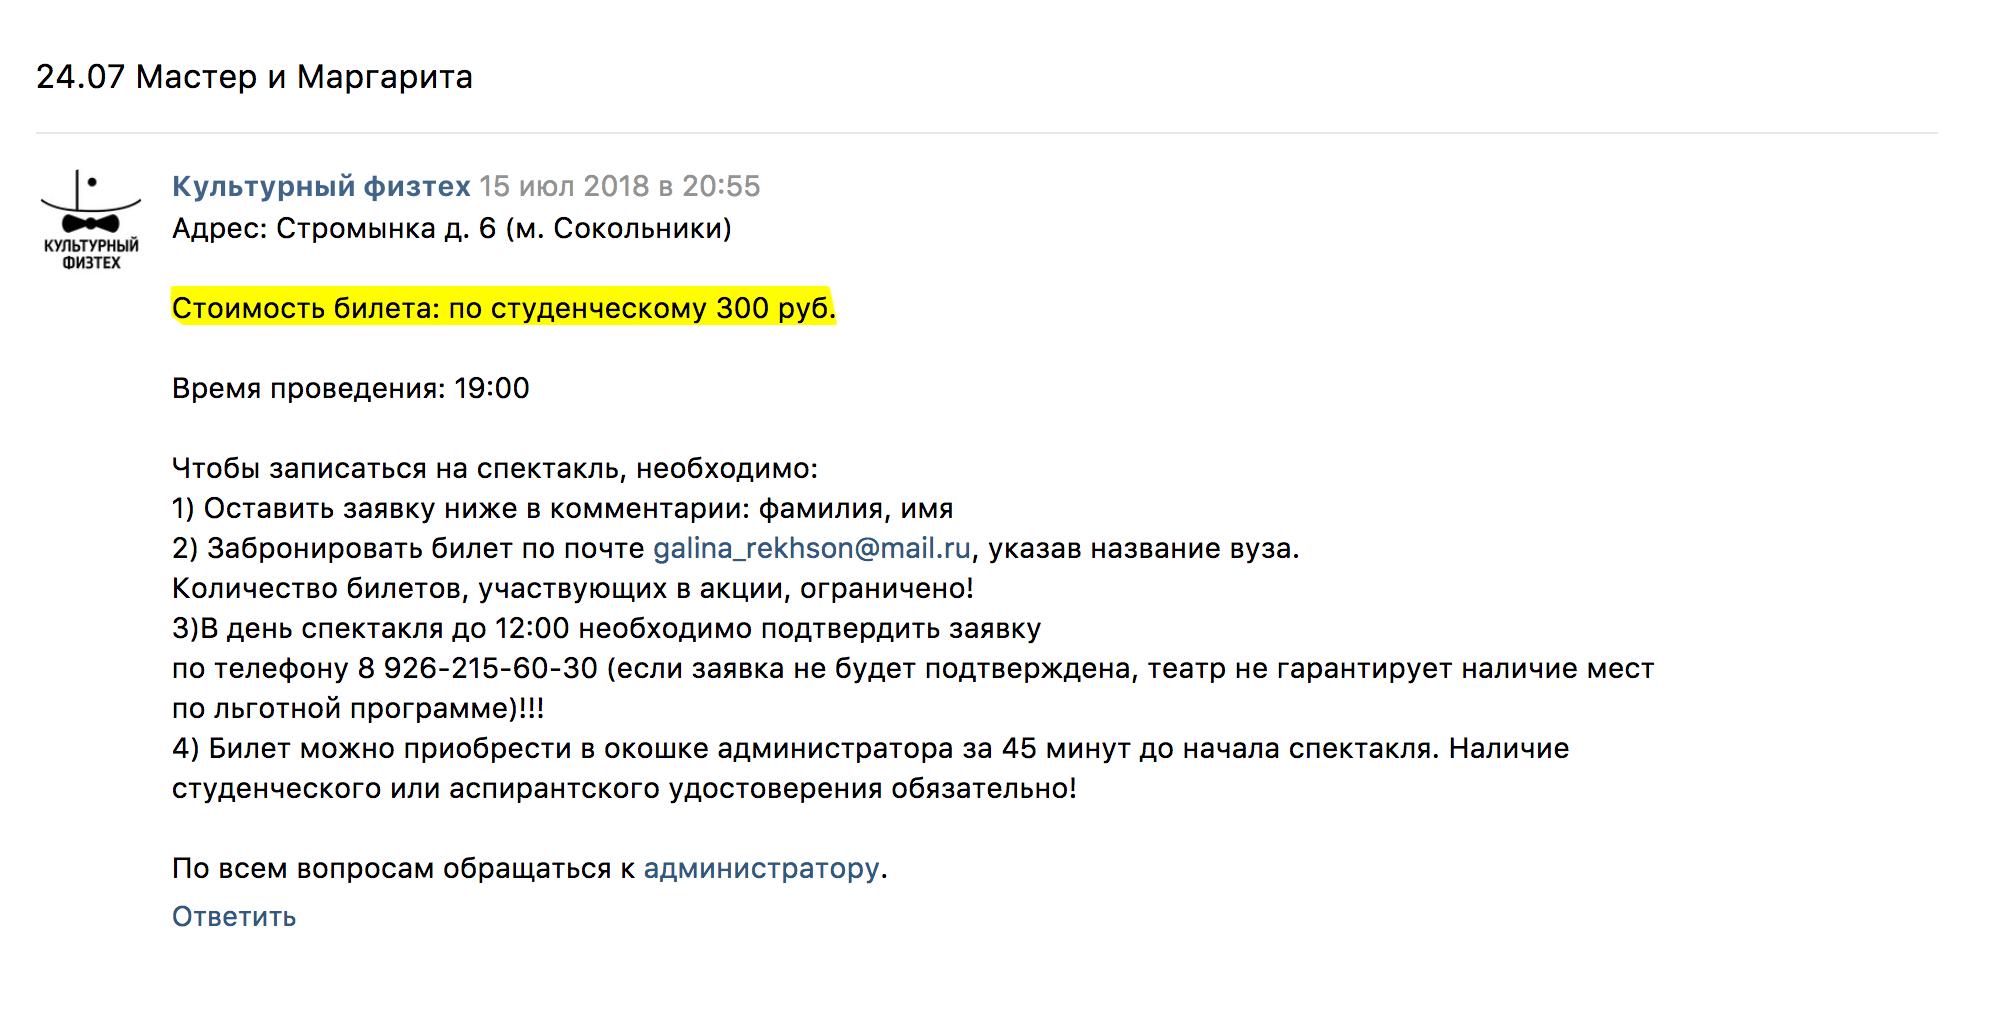 Объявления о скидках на билеты студенты публикуют во Вконтакте в группе «Культурный физтех». Обычный билет в партер стоит 2000 р., студентам он достается за 300 р.